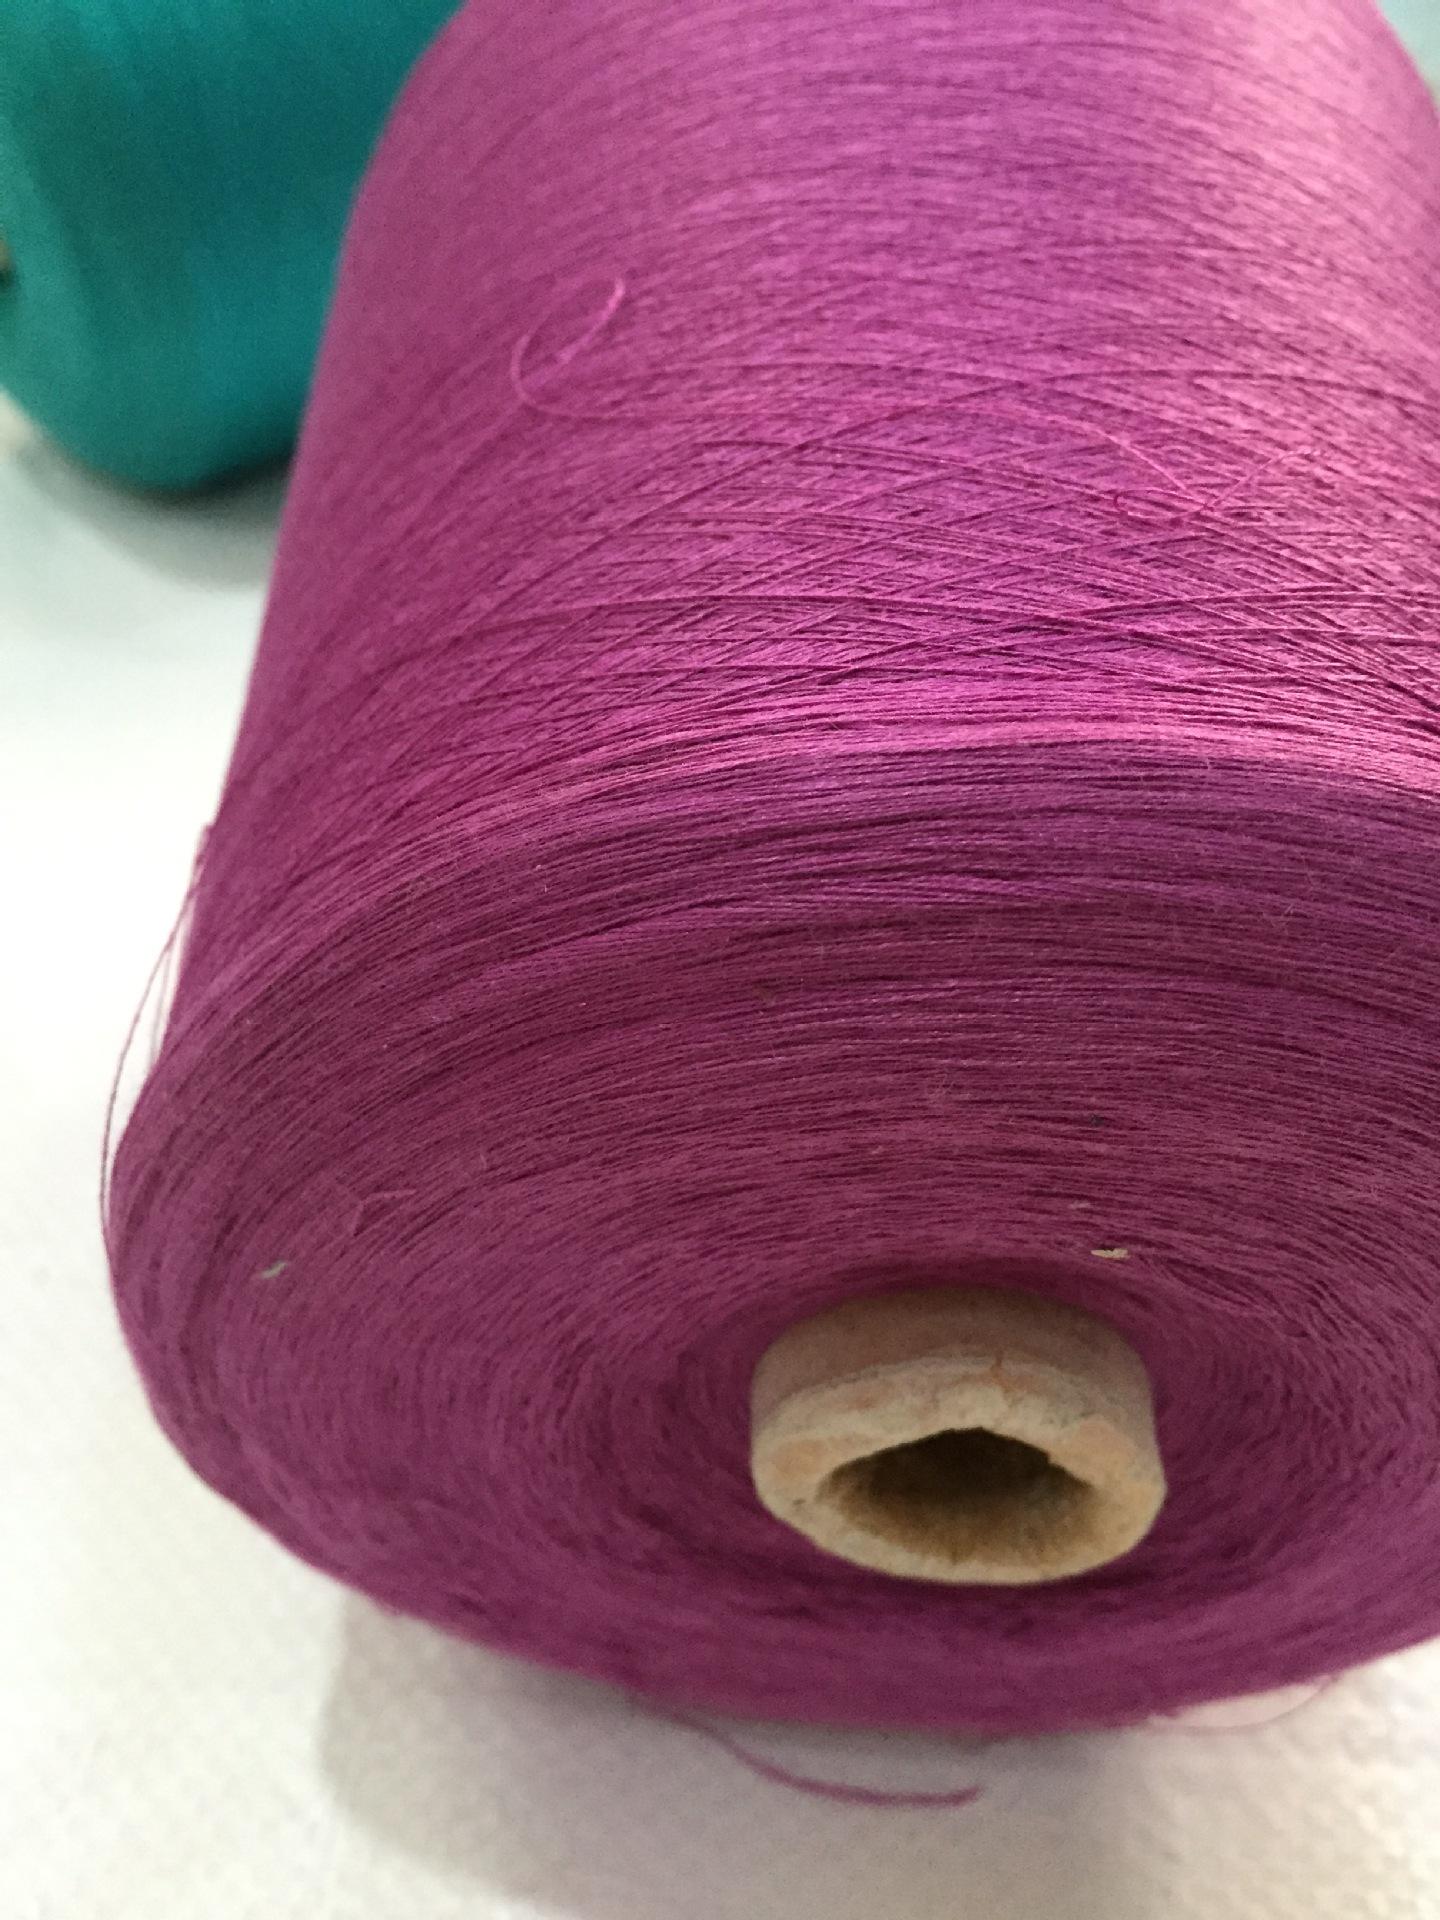 Sợi tơ lụa 120 sợi tơ để đan